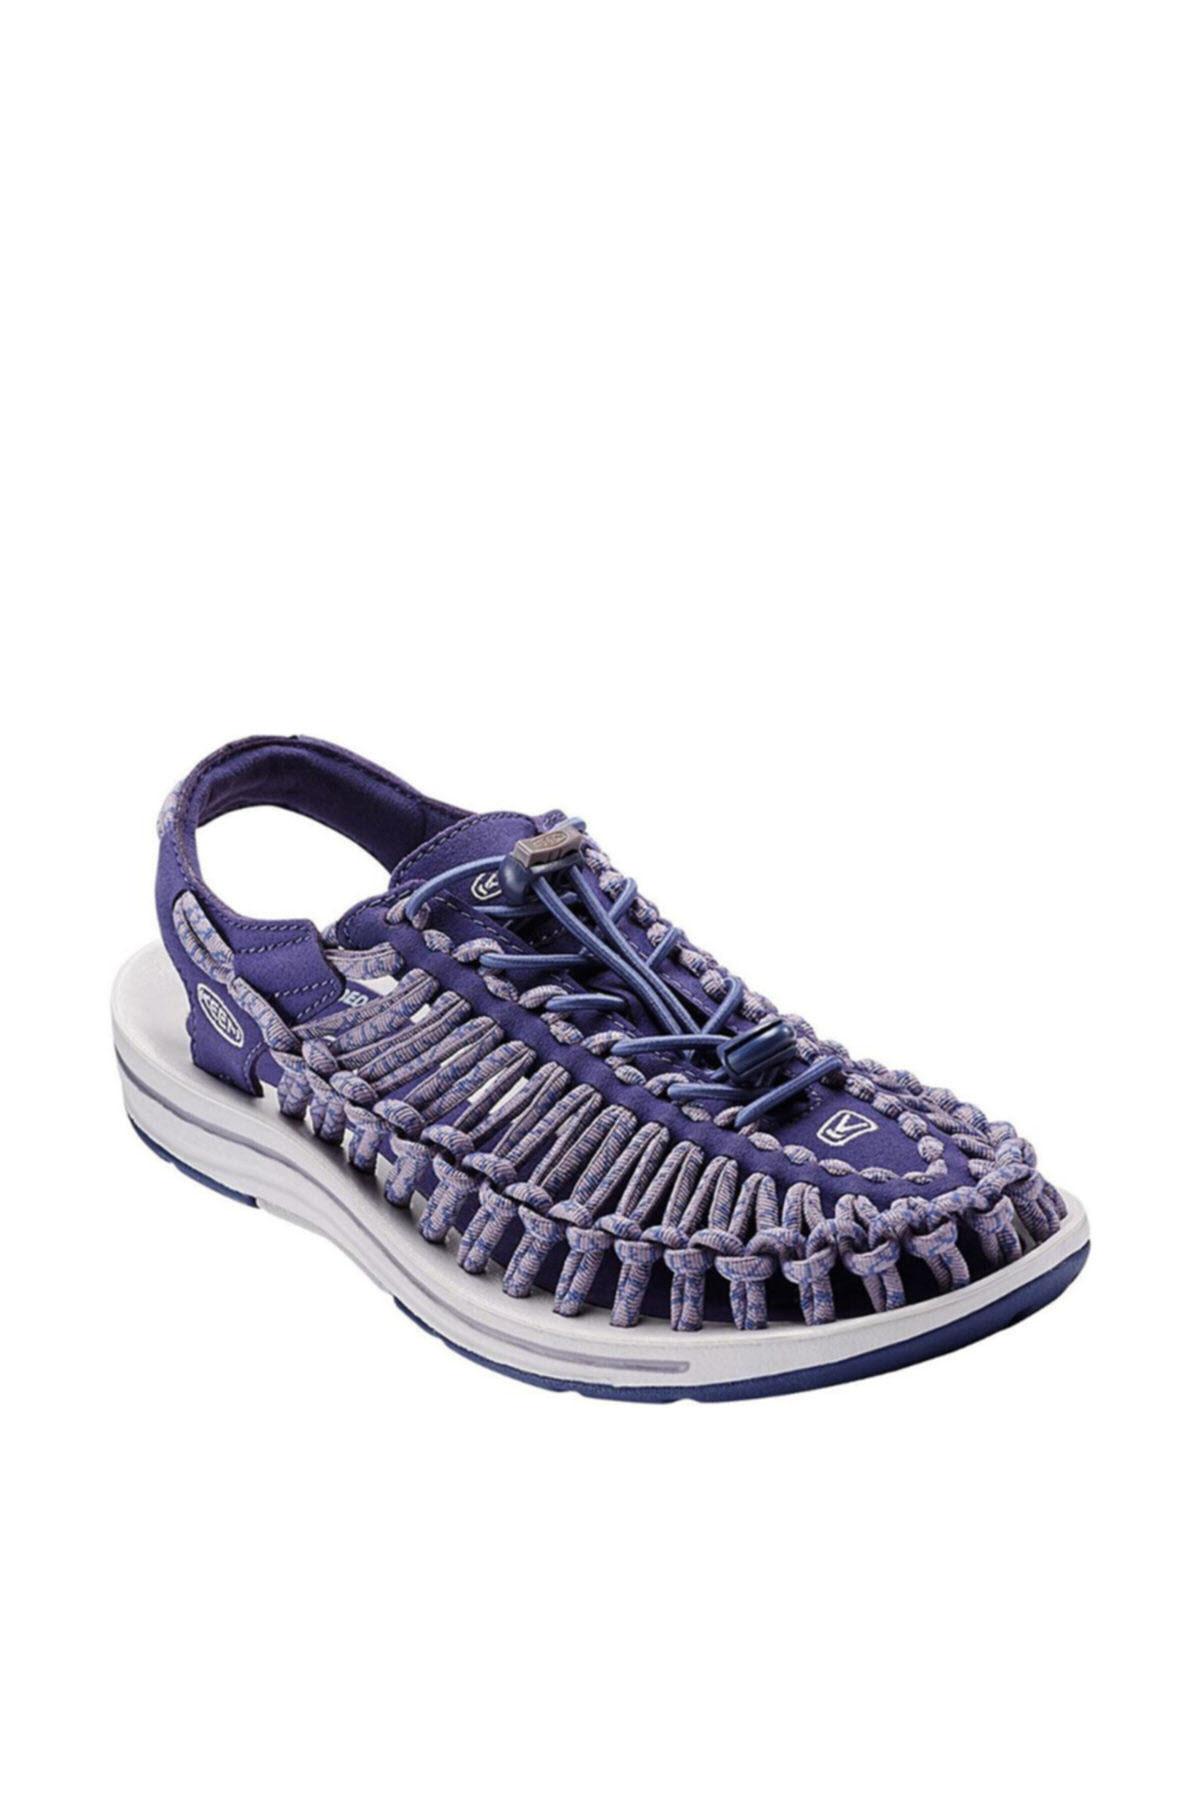 Keen Kadın Sandalet - Mor/Gri - 1016895 1